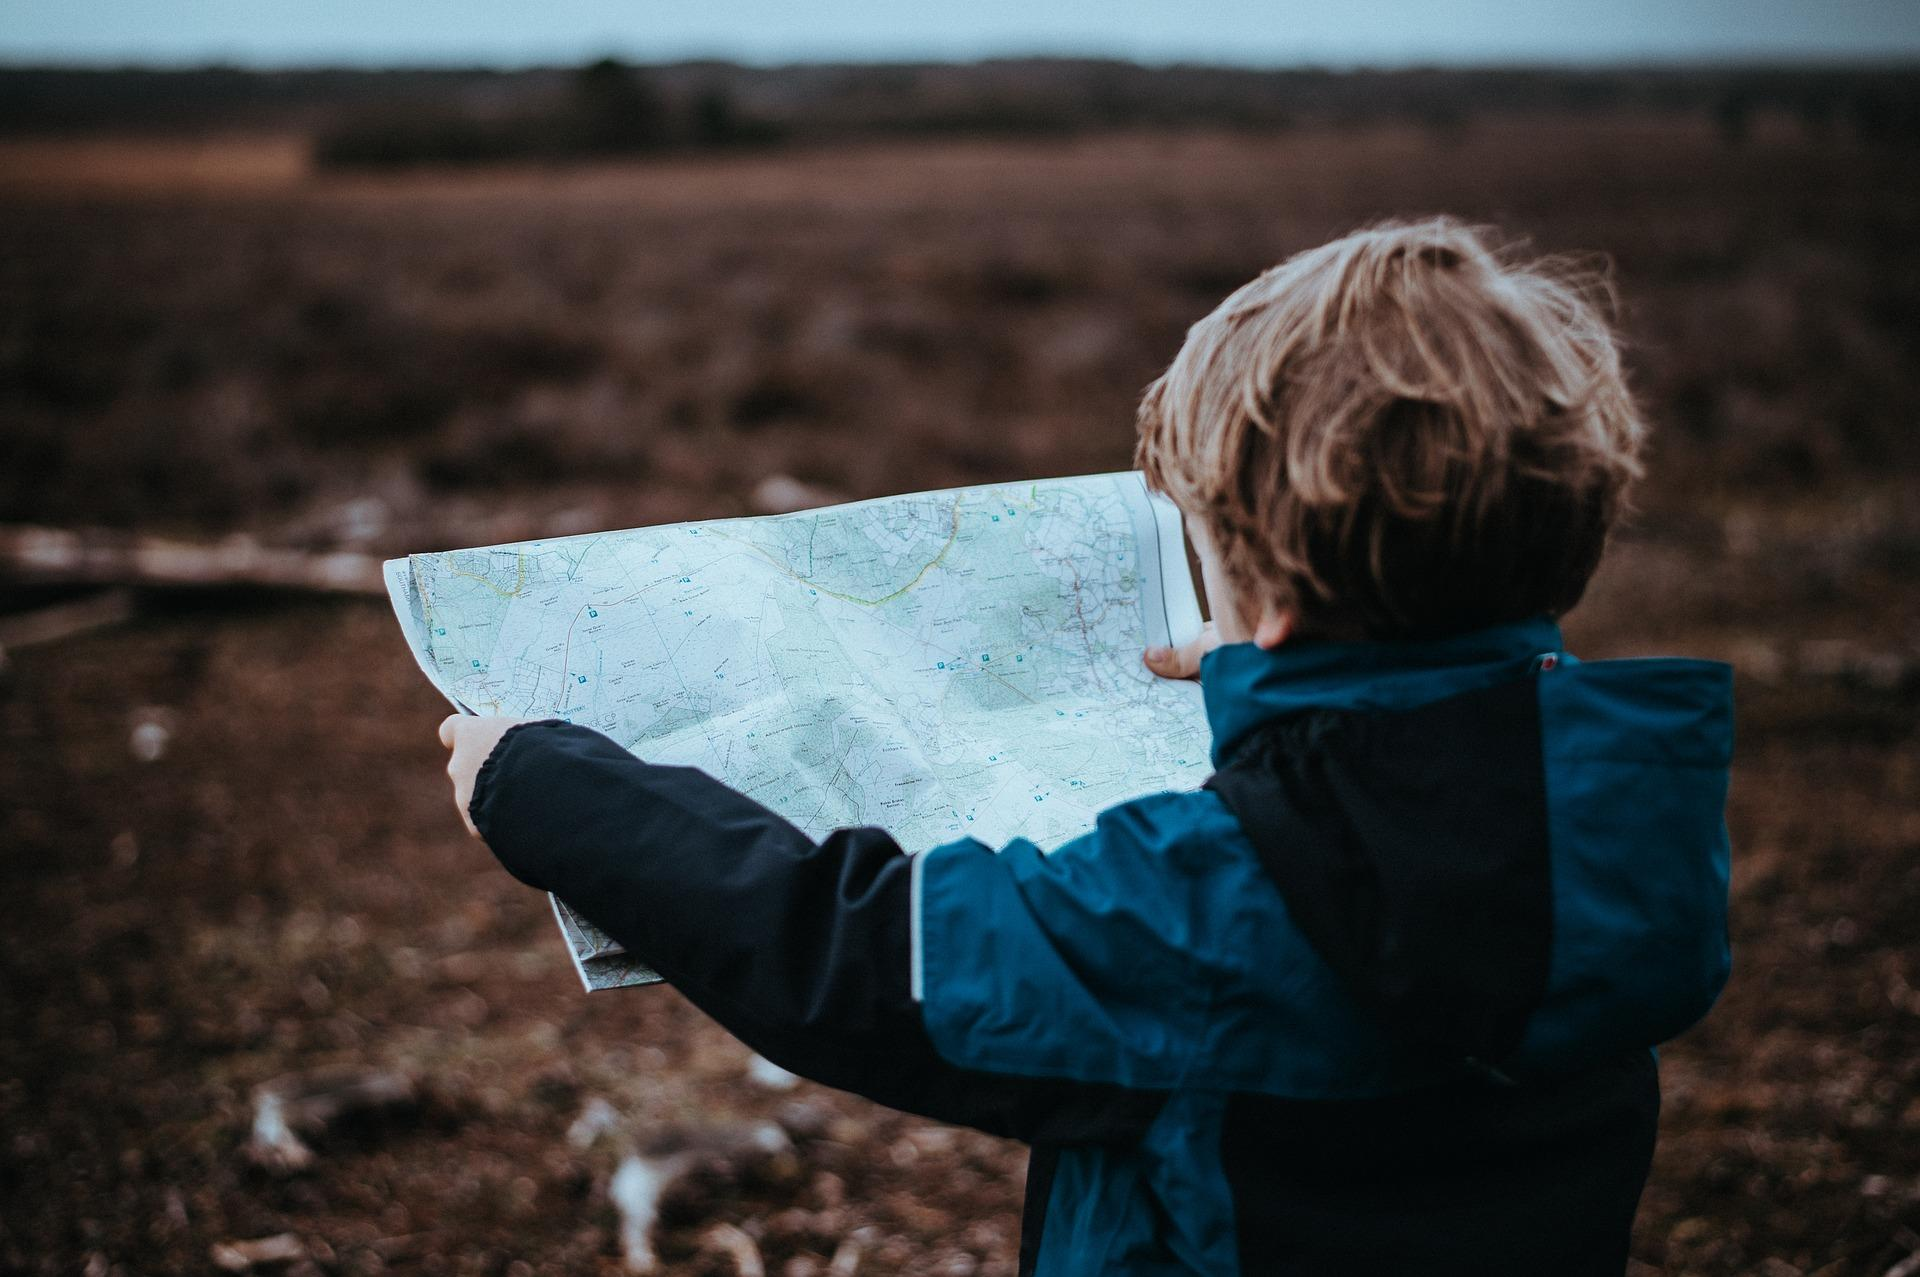 Eine Schatzsuche für Kinder kann auch die Orientierung schulen.